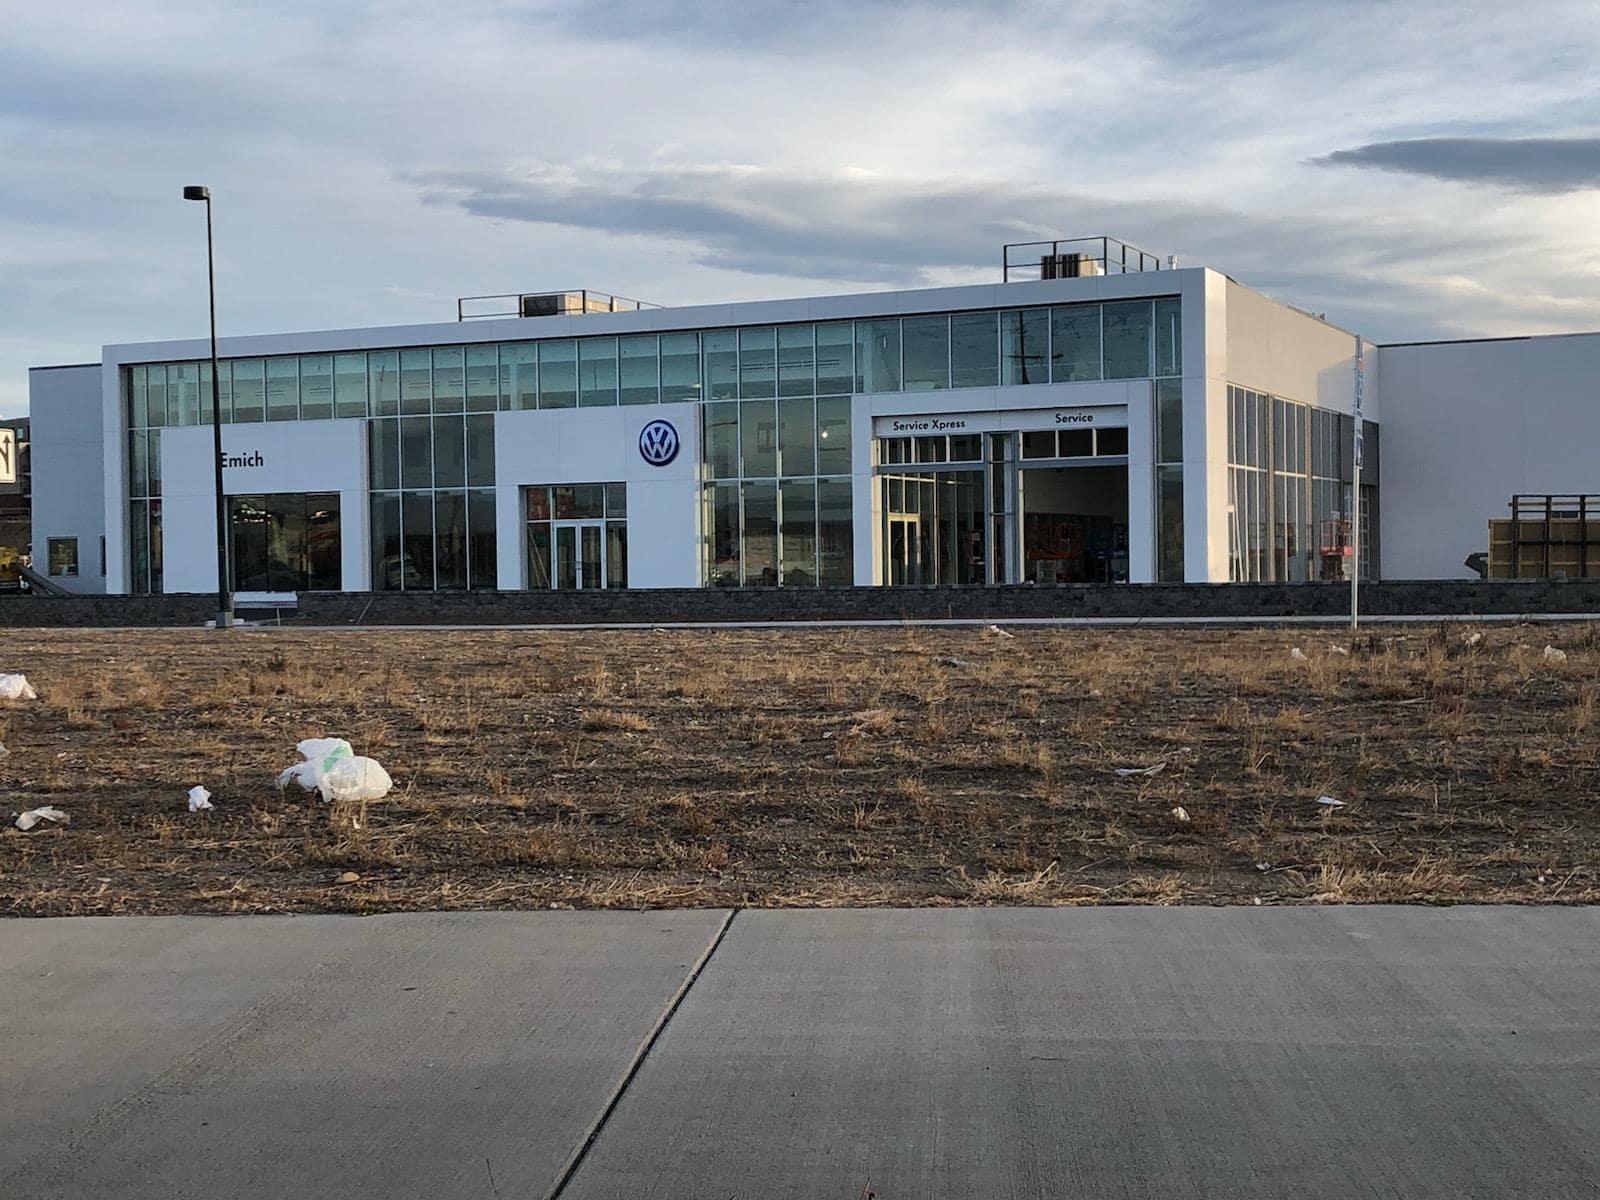 Emich VW Denver Moving Sale